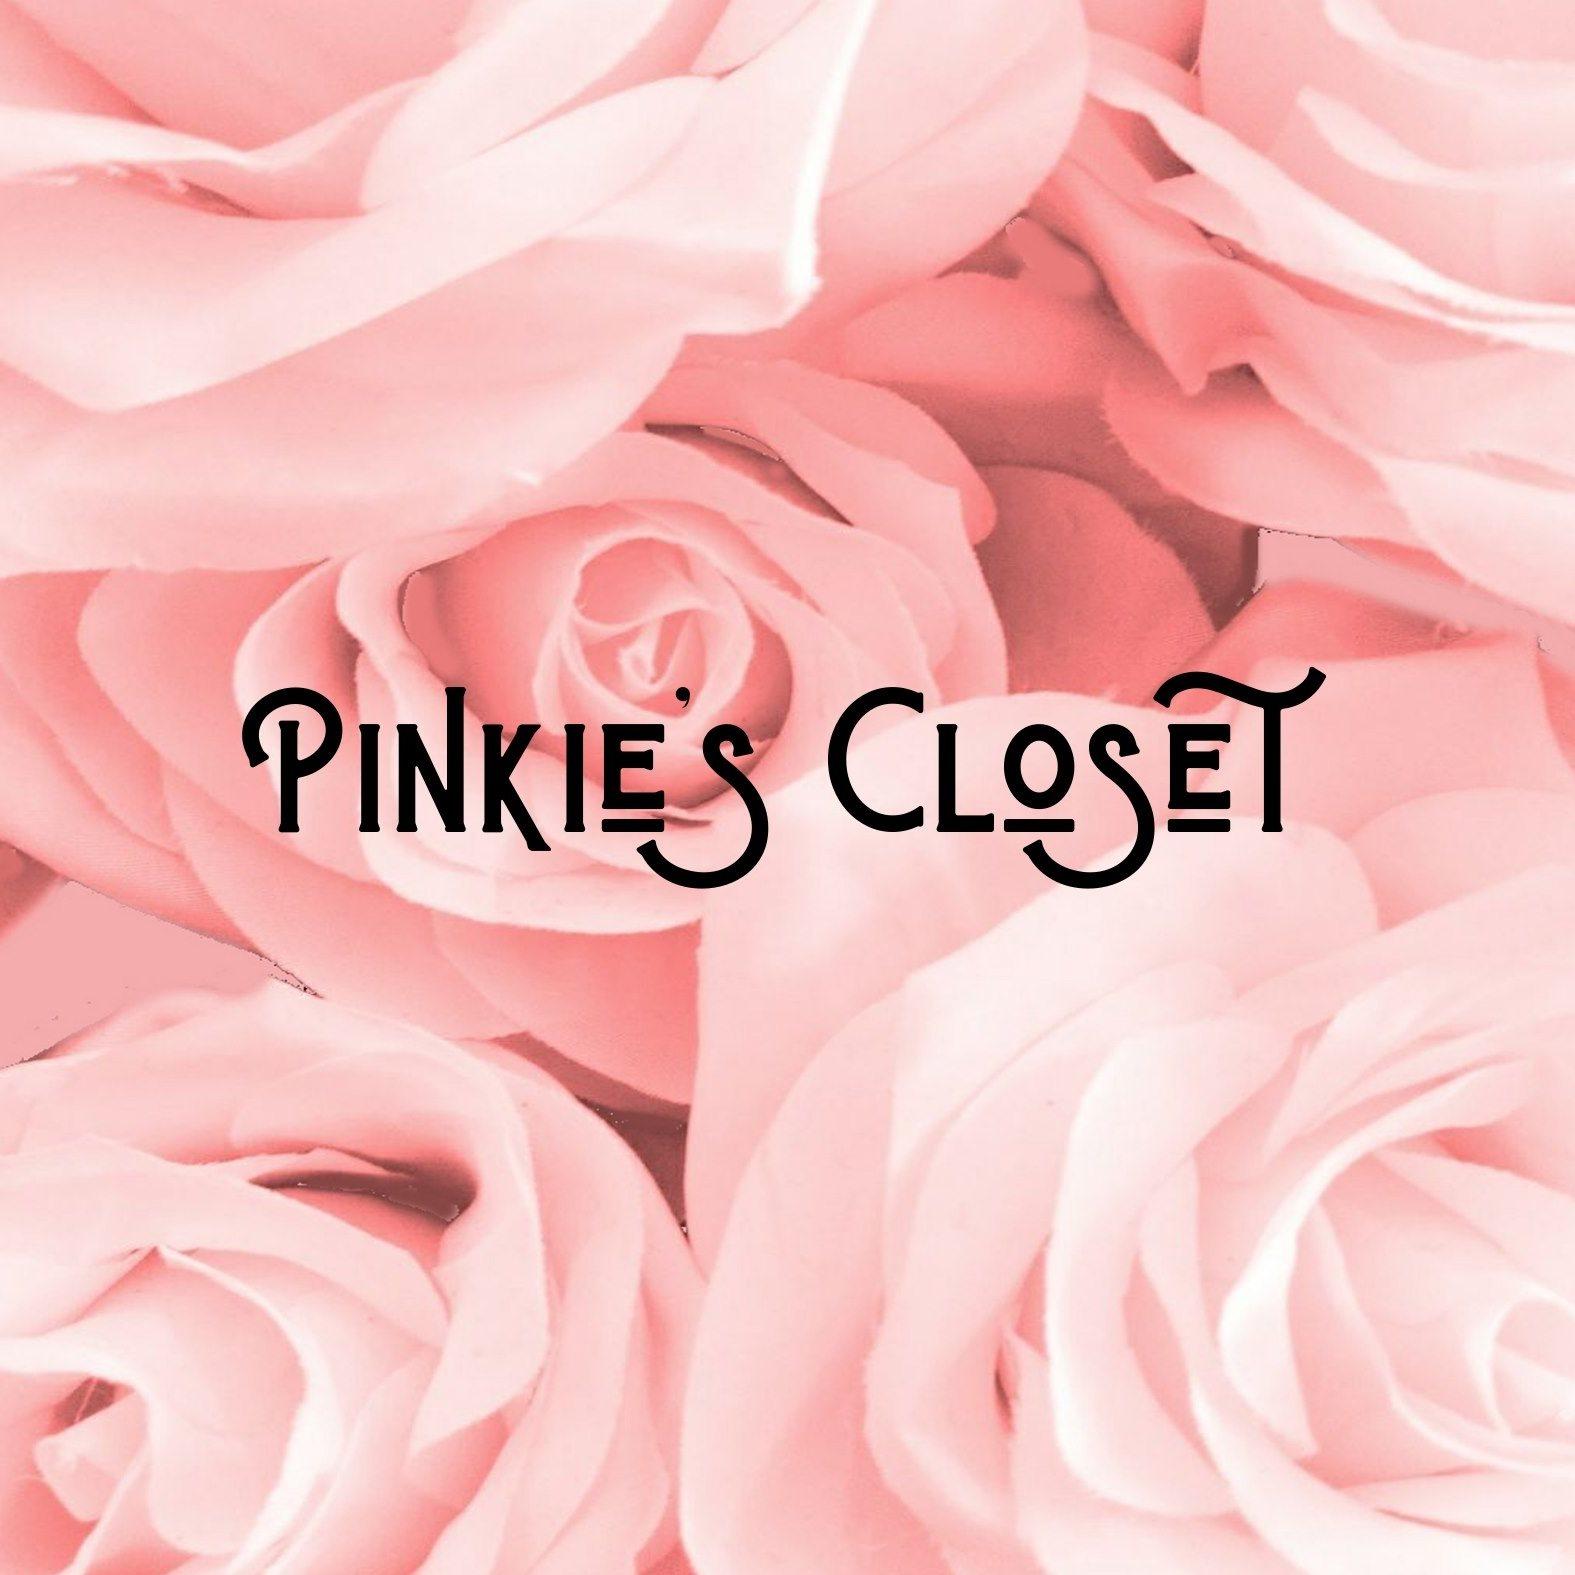 Pinkie's Closet